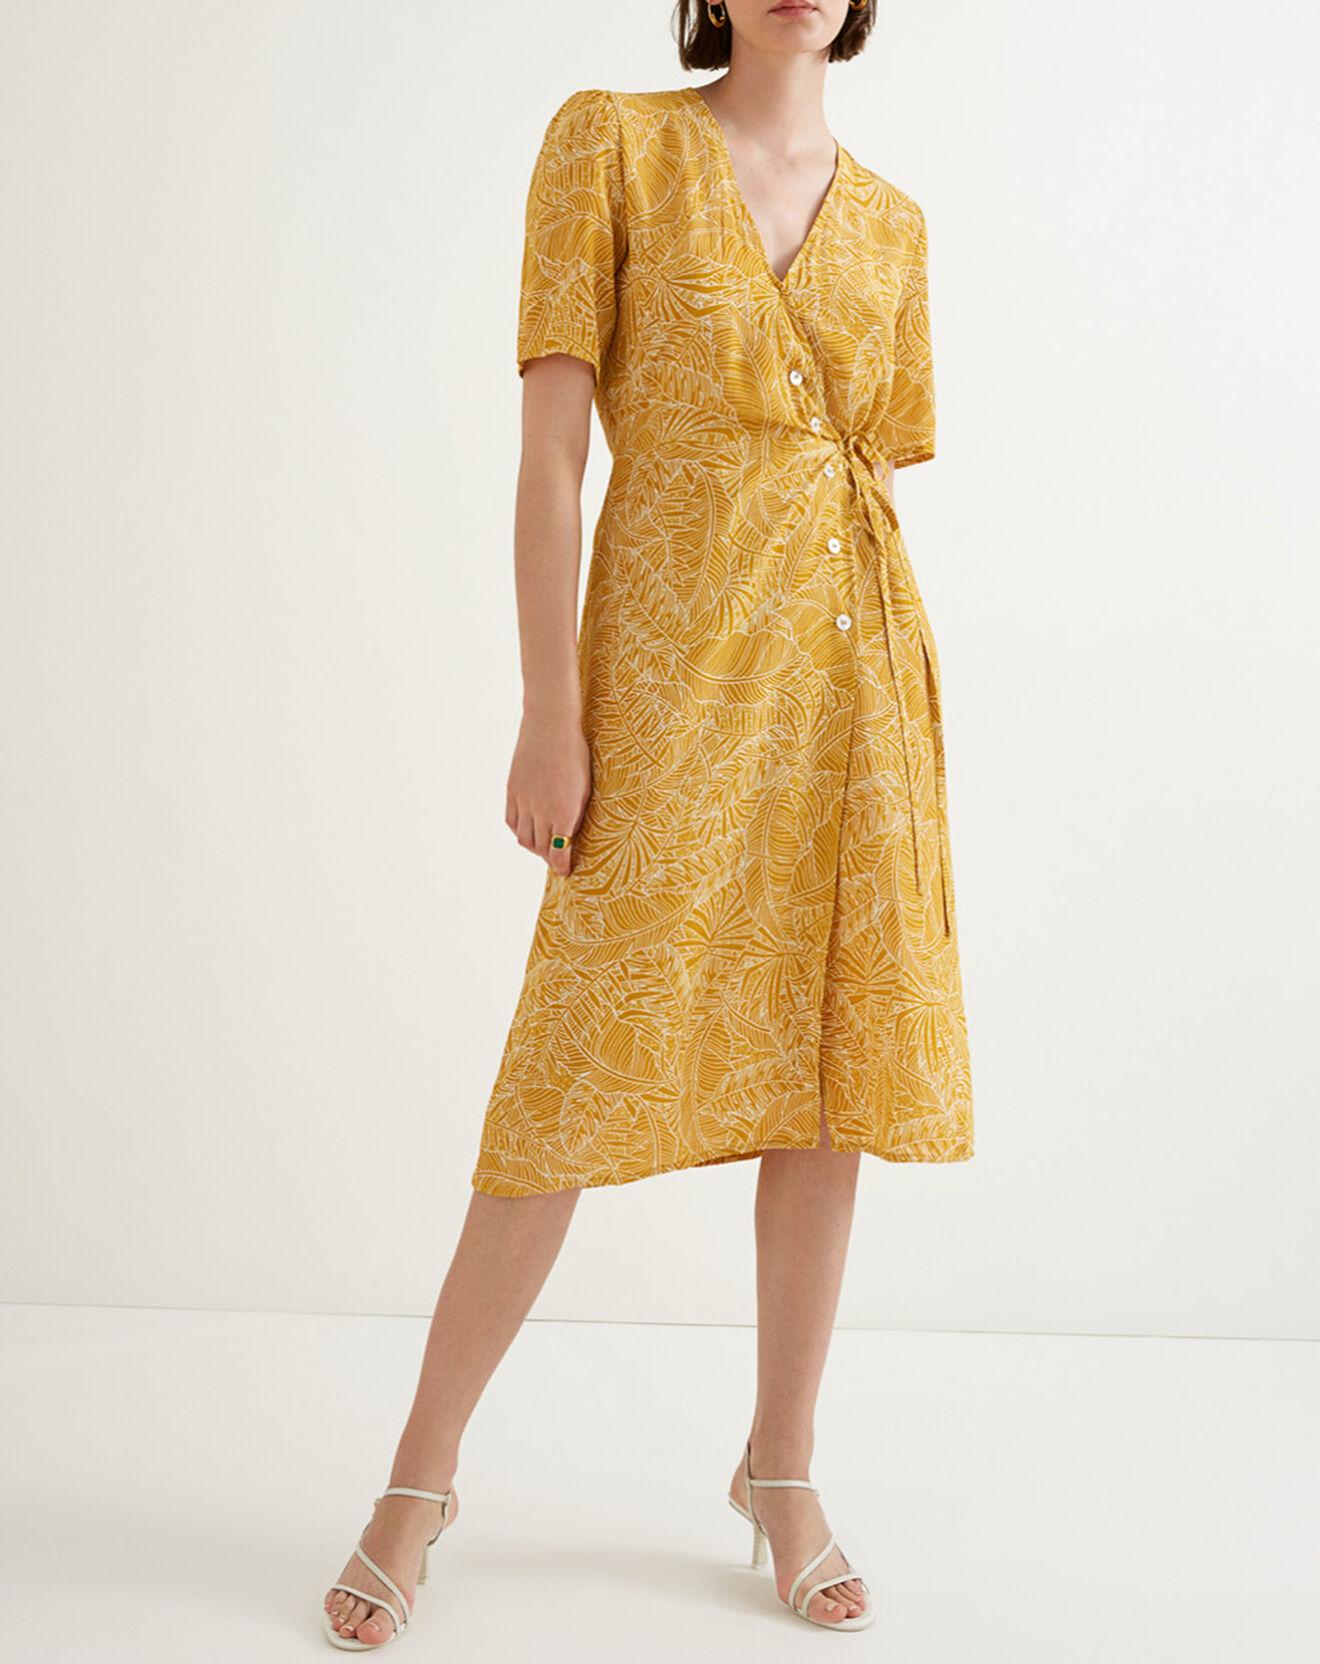 Robe Caily imprimée ocre - Suncoo - Modalova